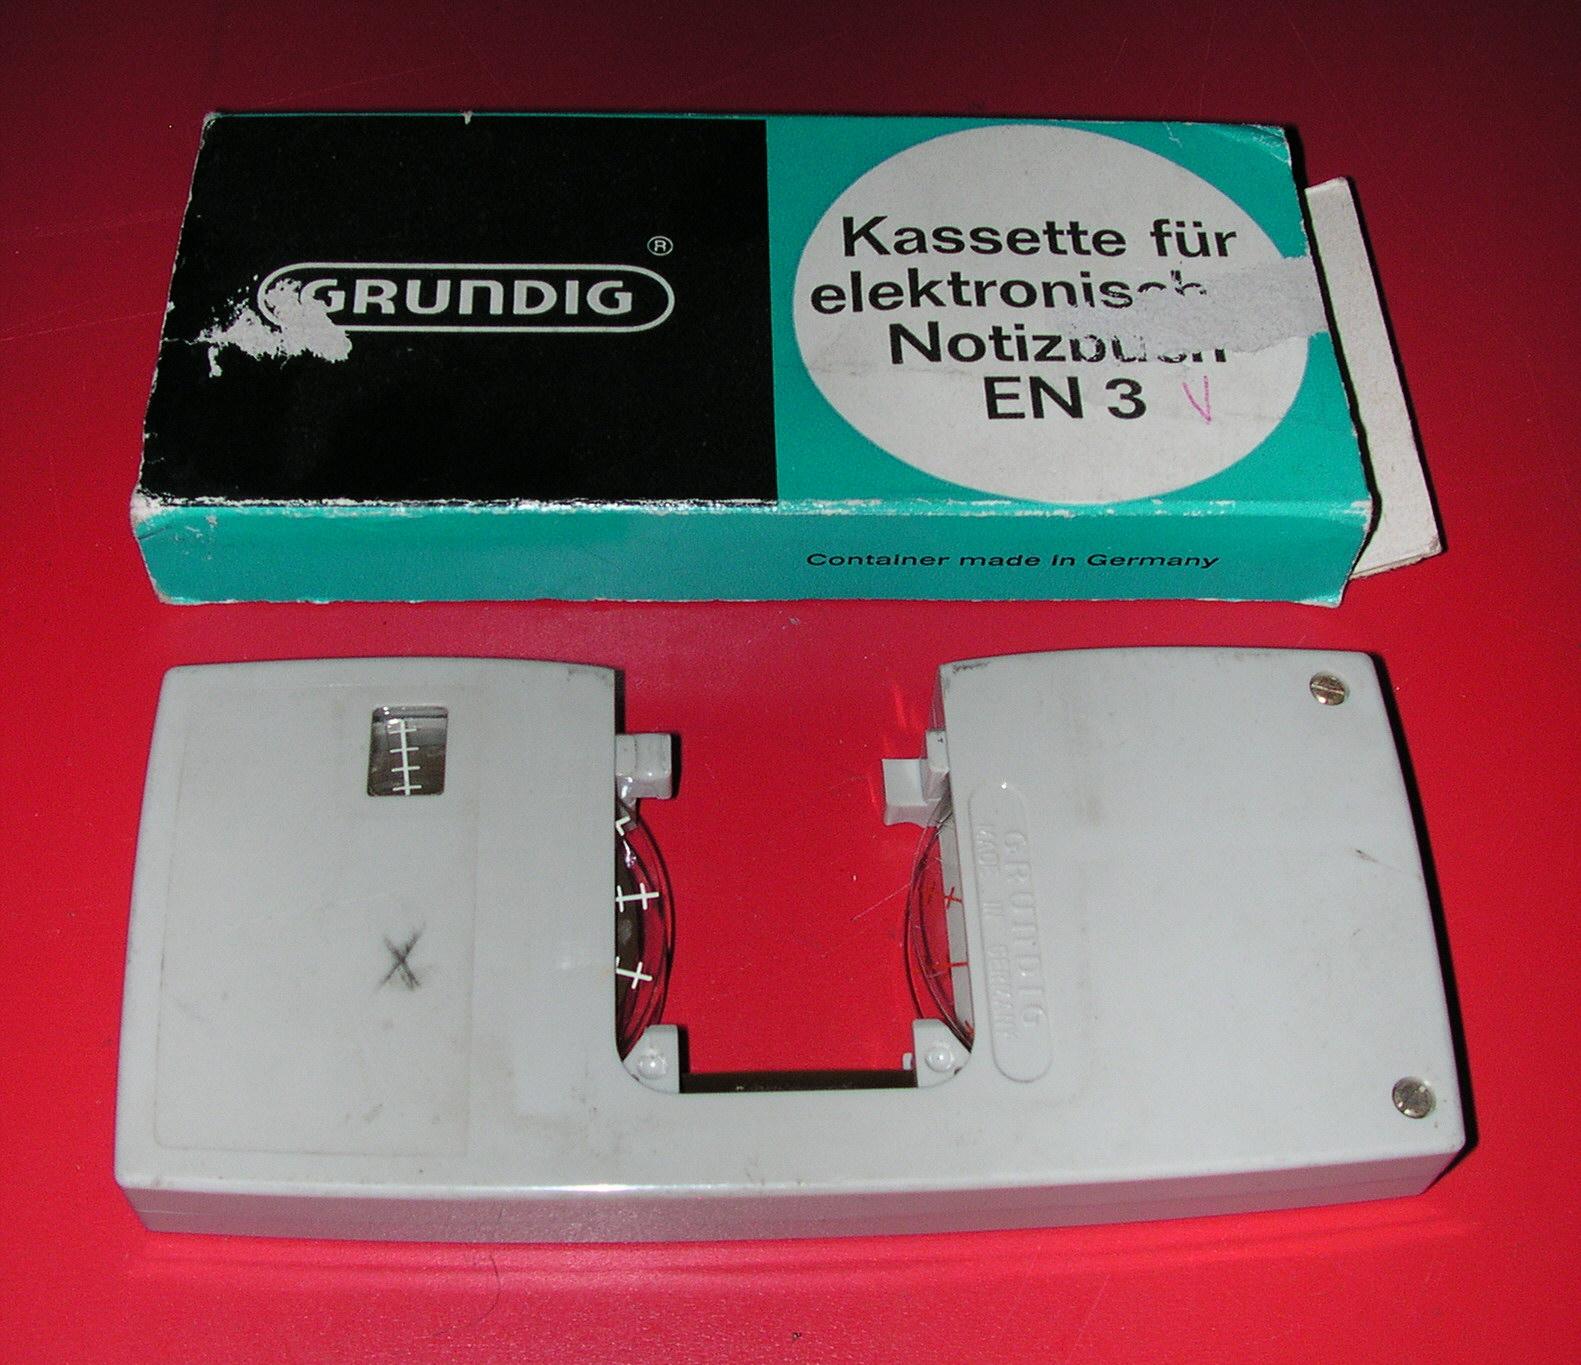 Grundig_EN3_Cassette.jpg